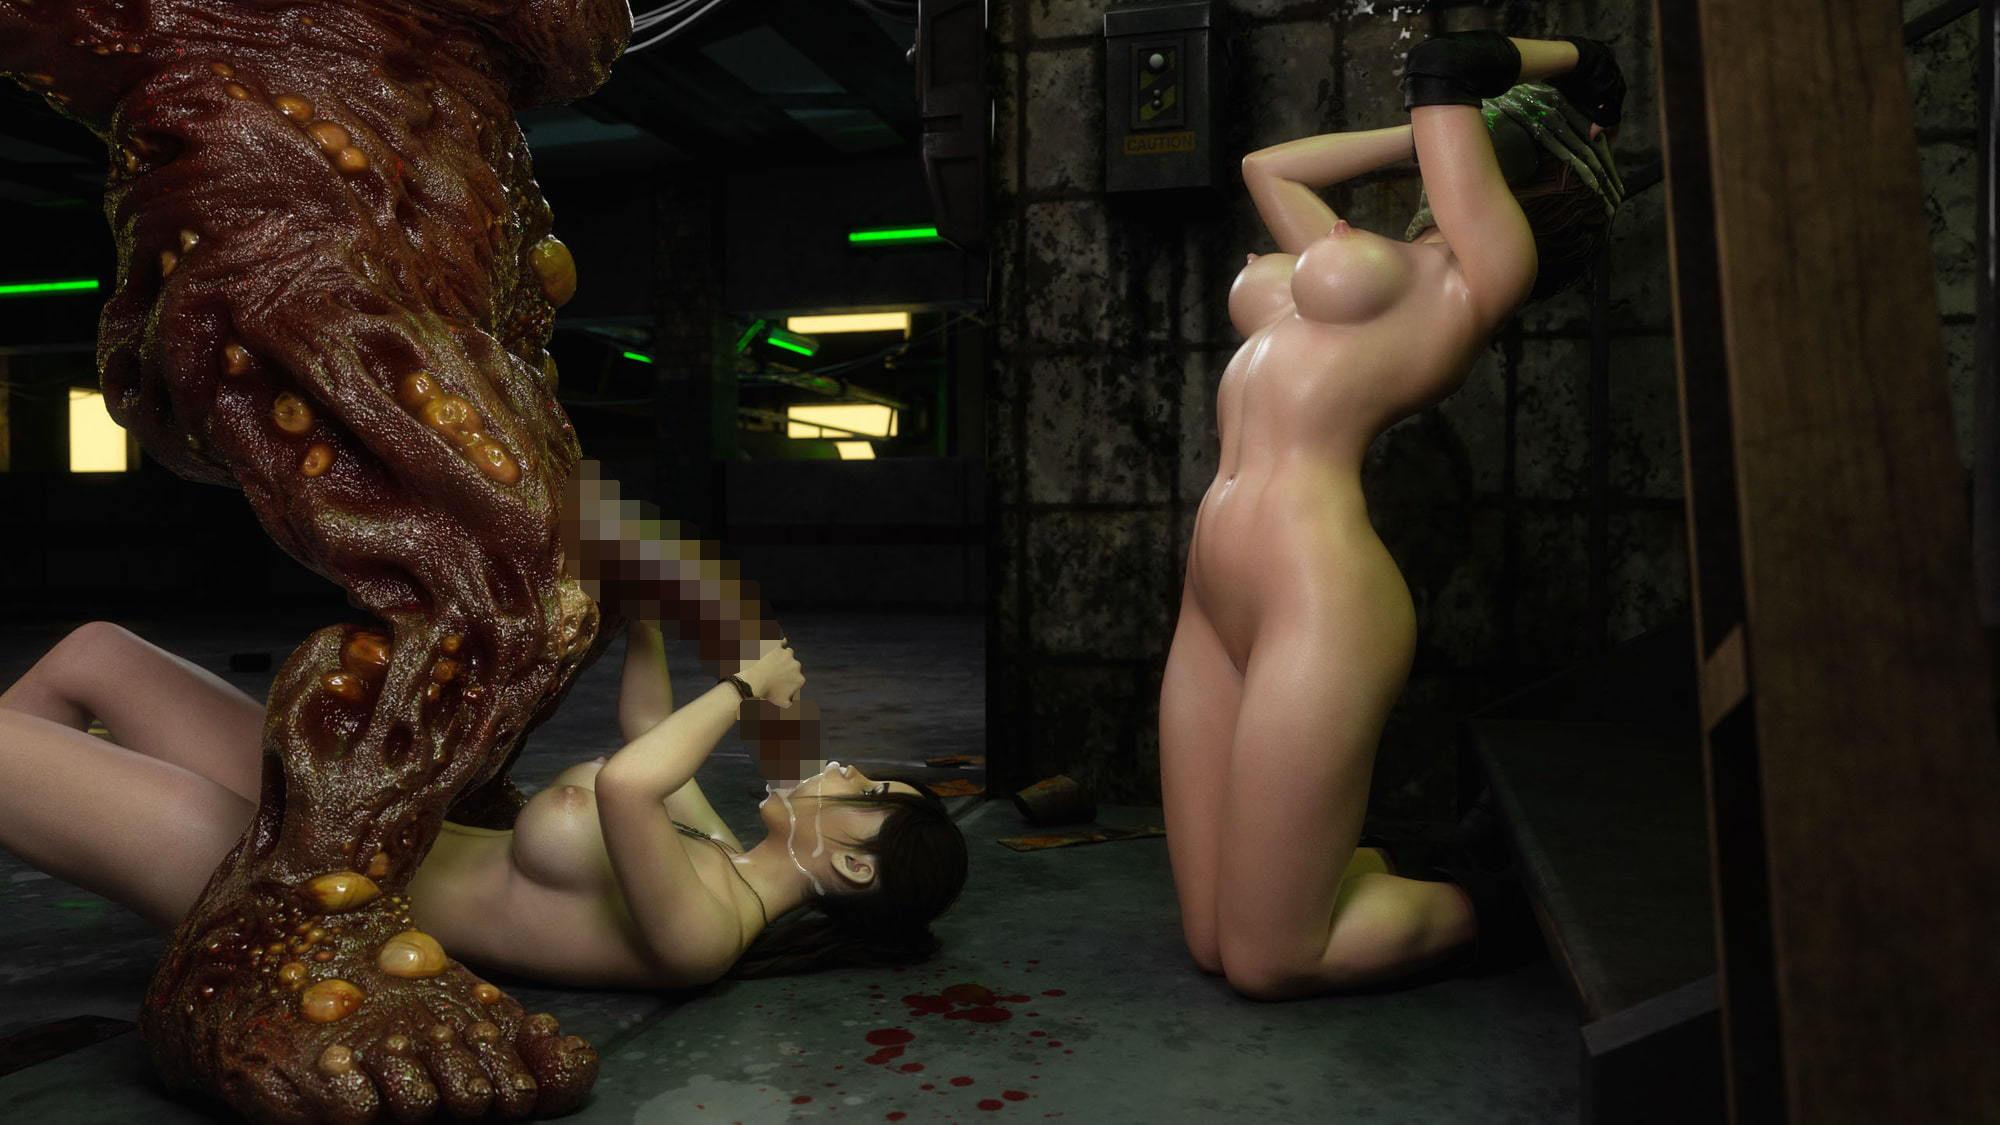 Residential Evil XXX 7